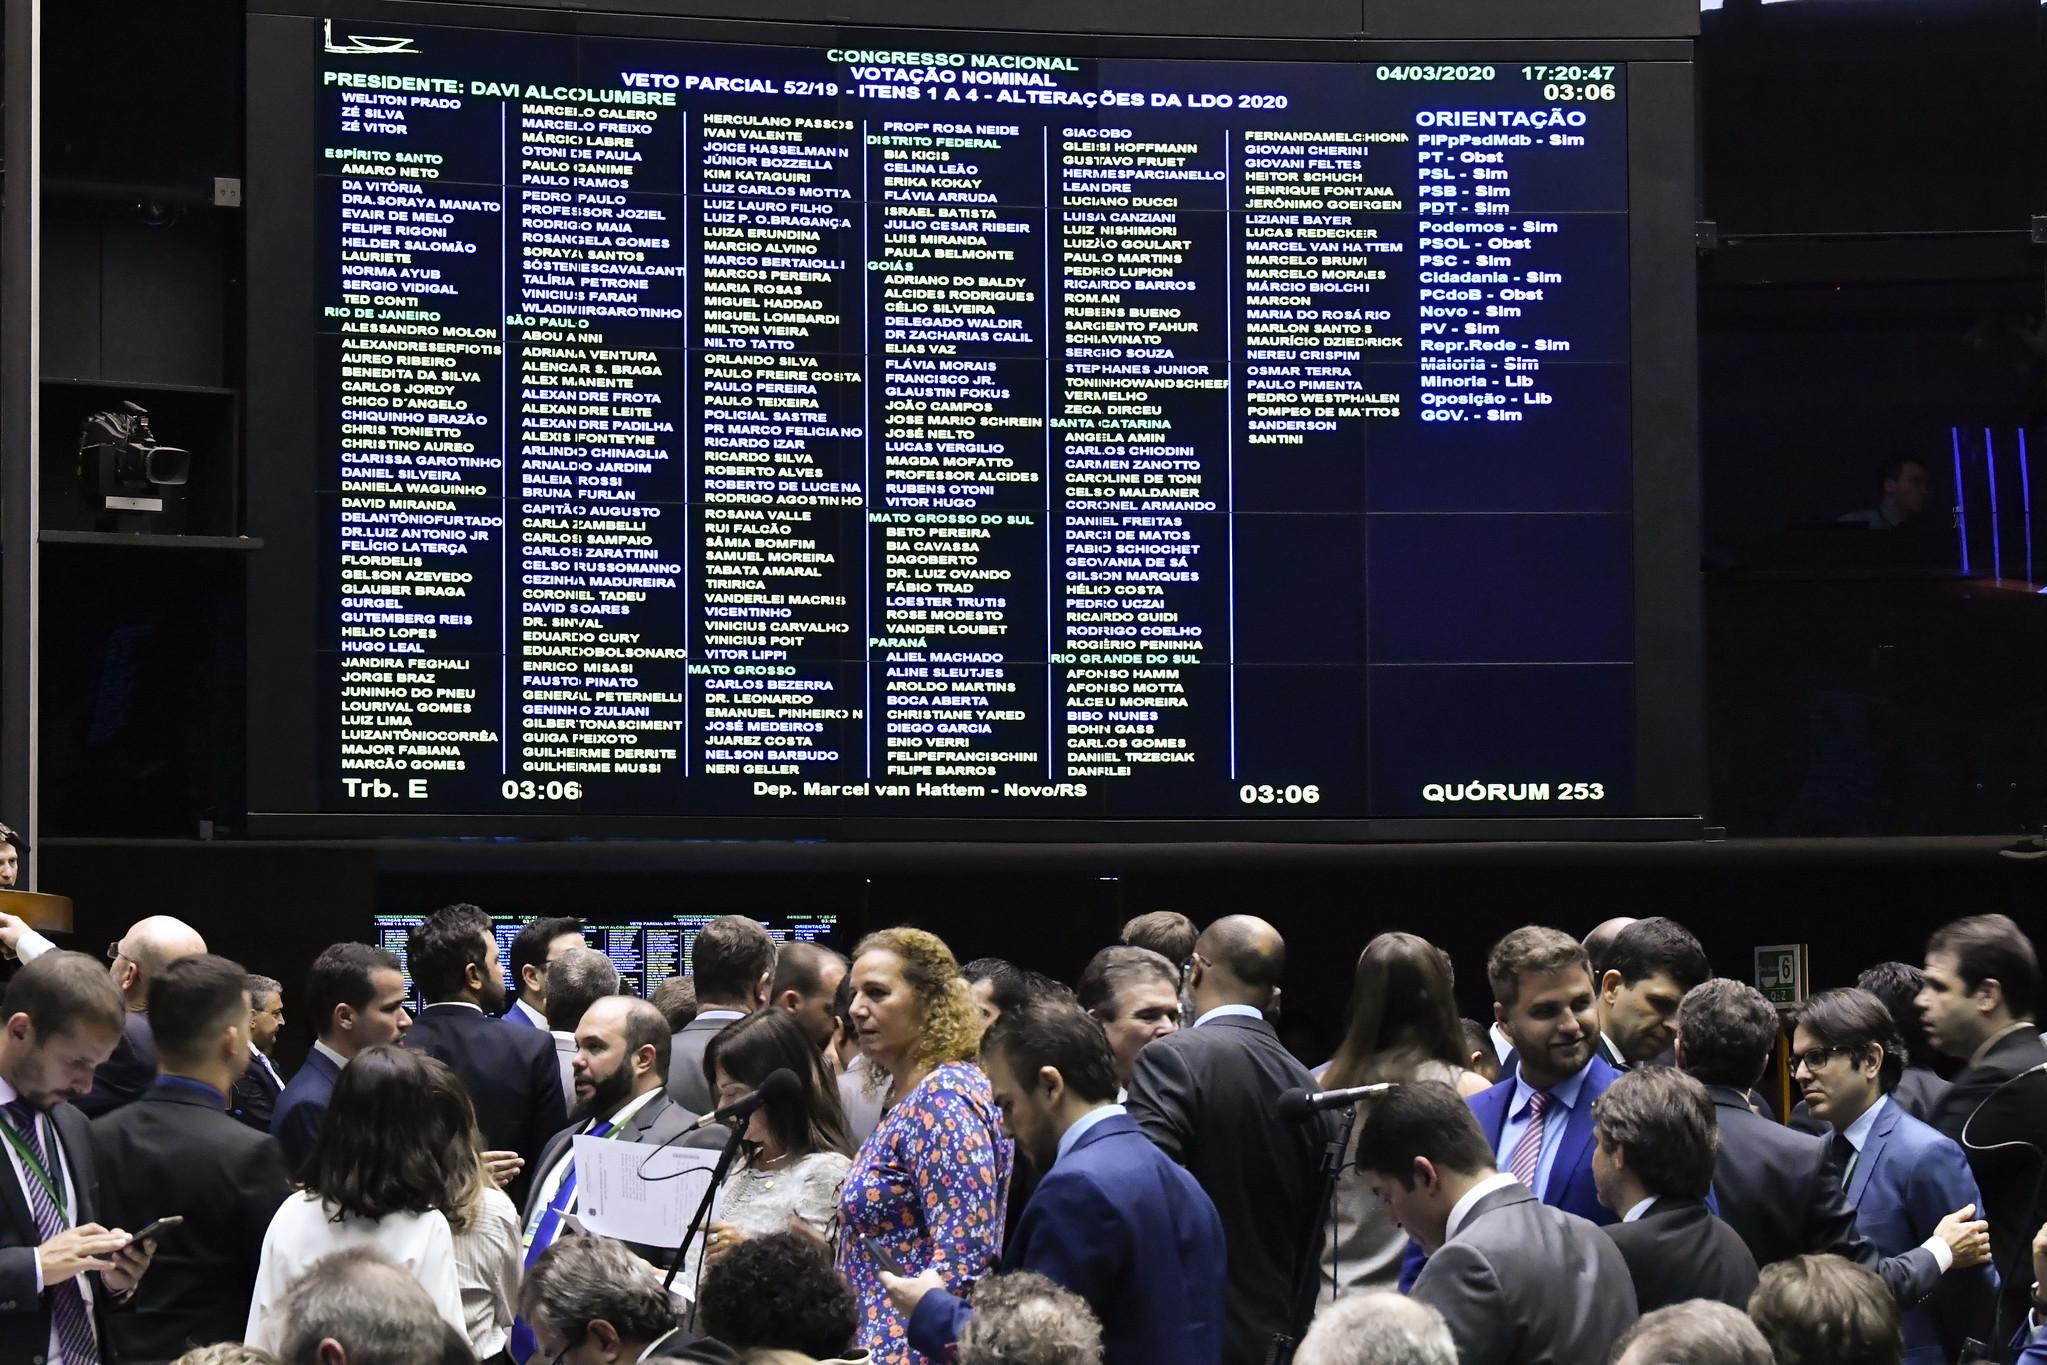 Plenário da Câmara durante sessão conjunta do Congresso sobre vetos